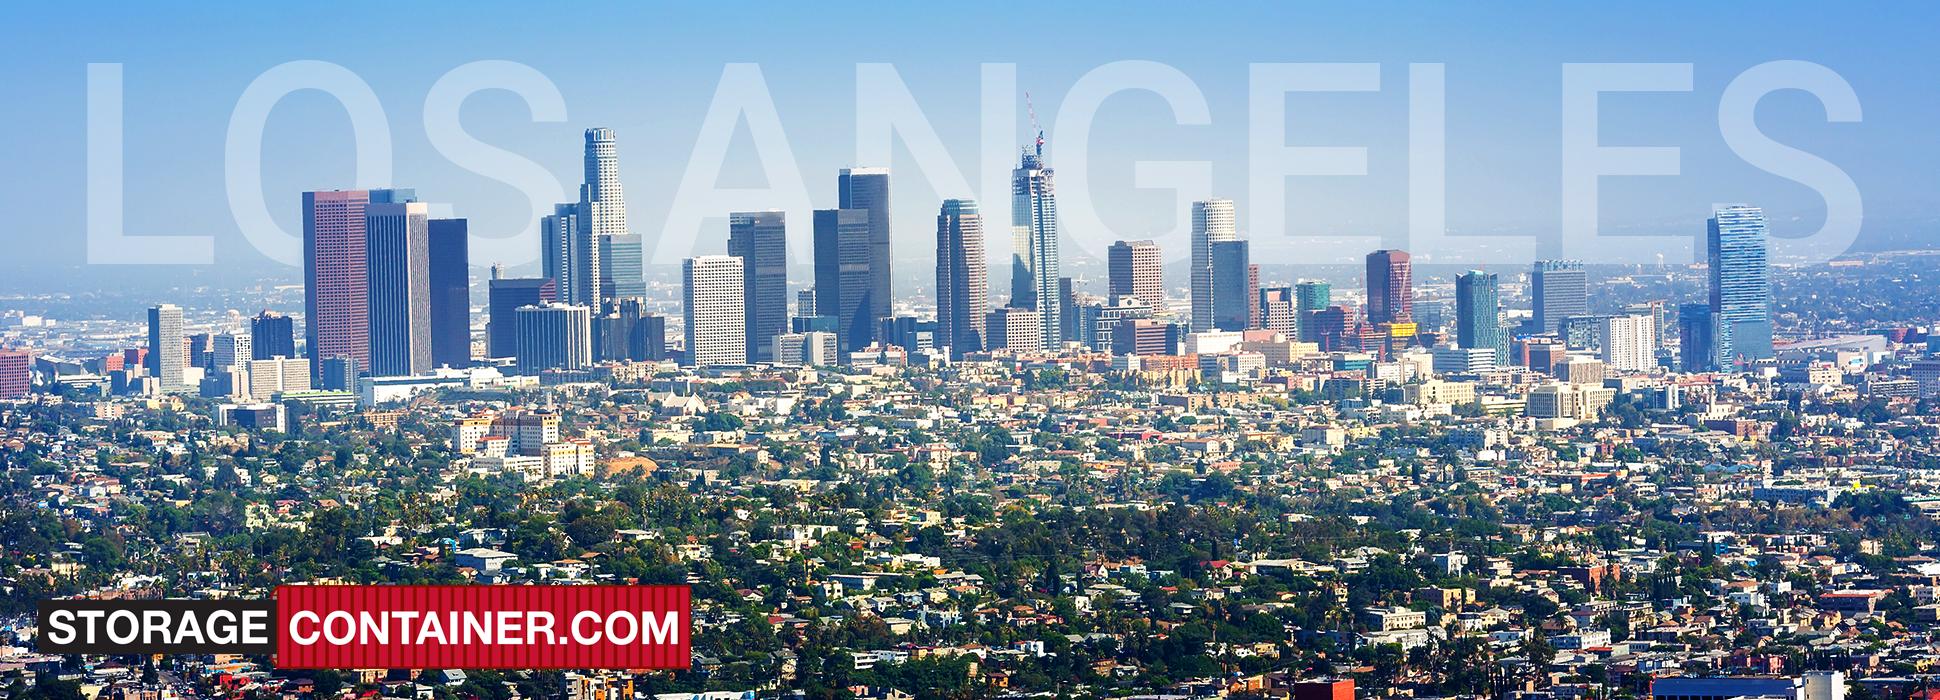 Los Angeles - storagecontainer.com